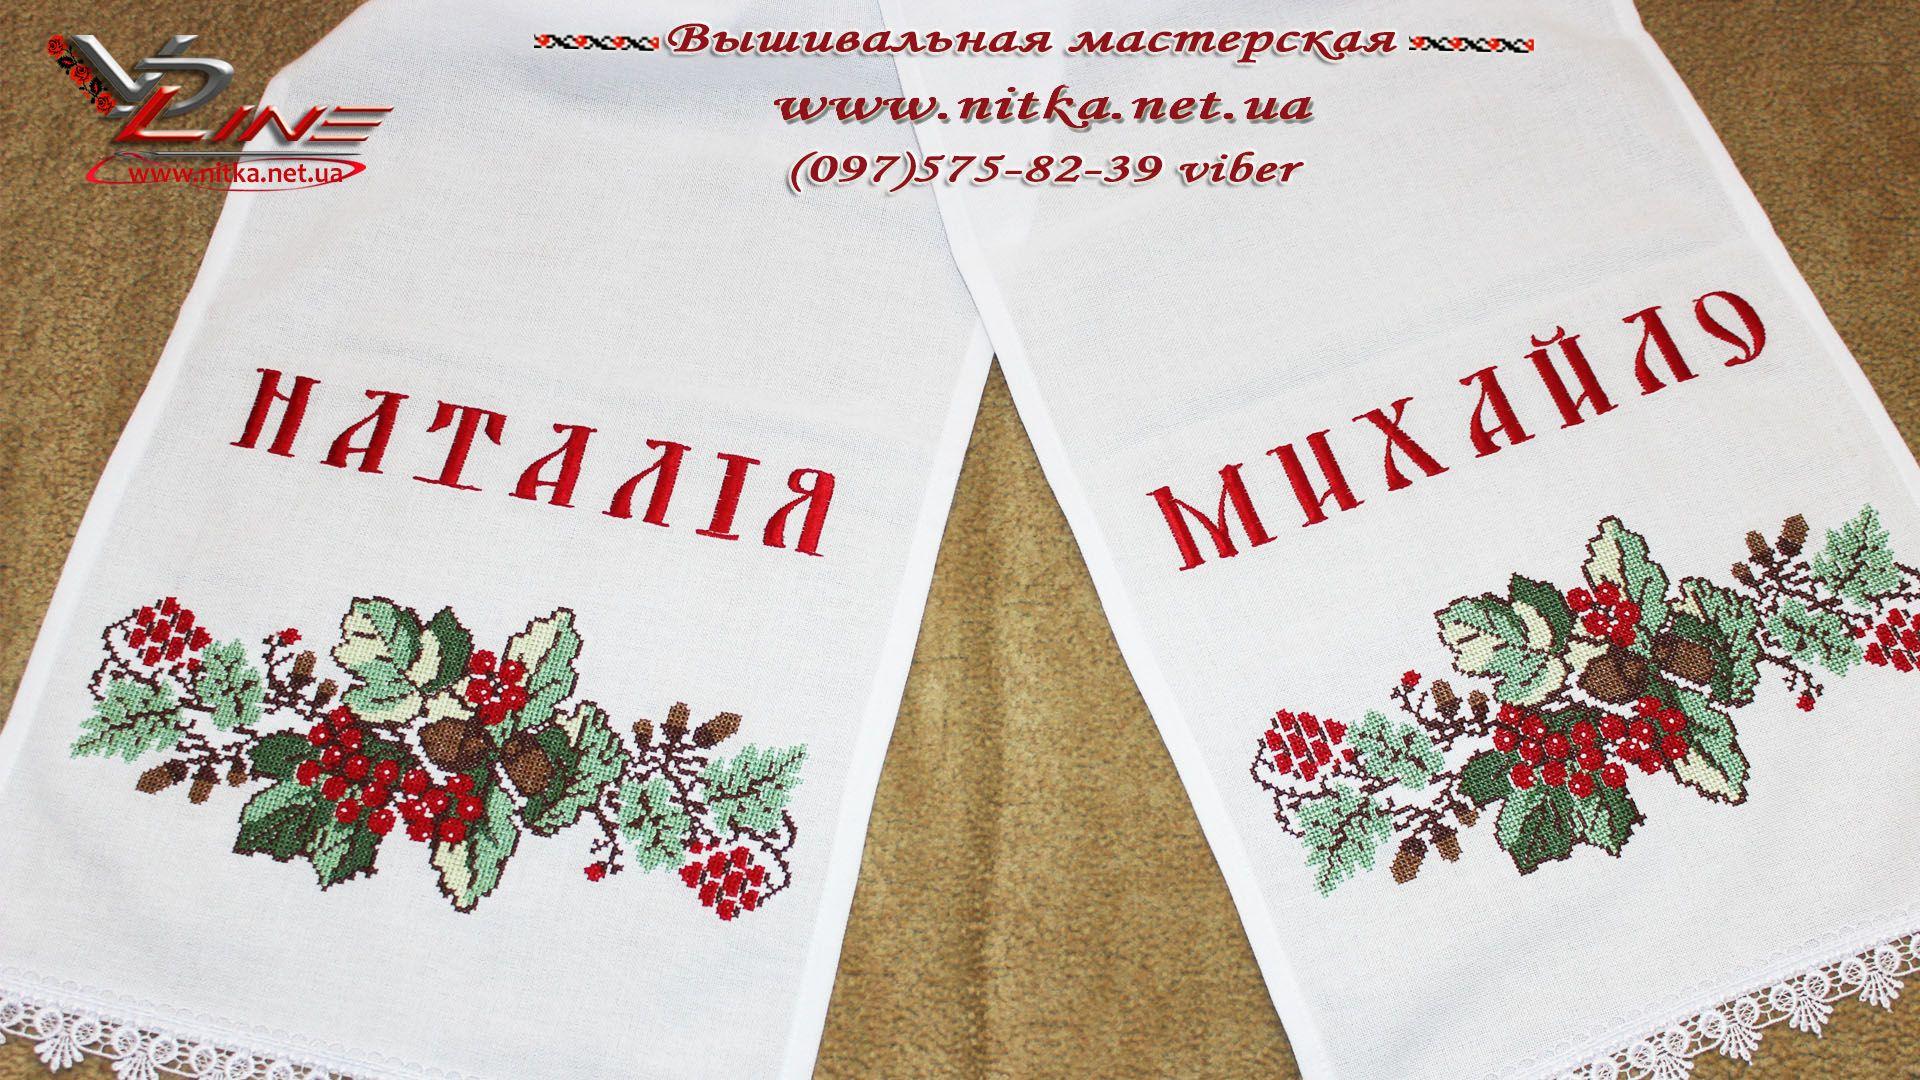 d119d58377f9ea Именной вышитый рушник «Дуб калина» Вышивальная мастерская вышьет имена  молодоженов на свадебном рушнике,